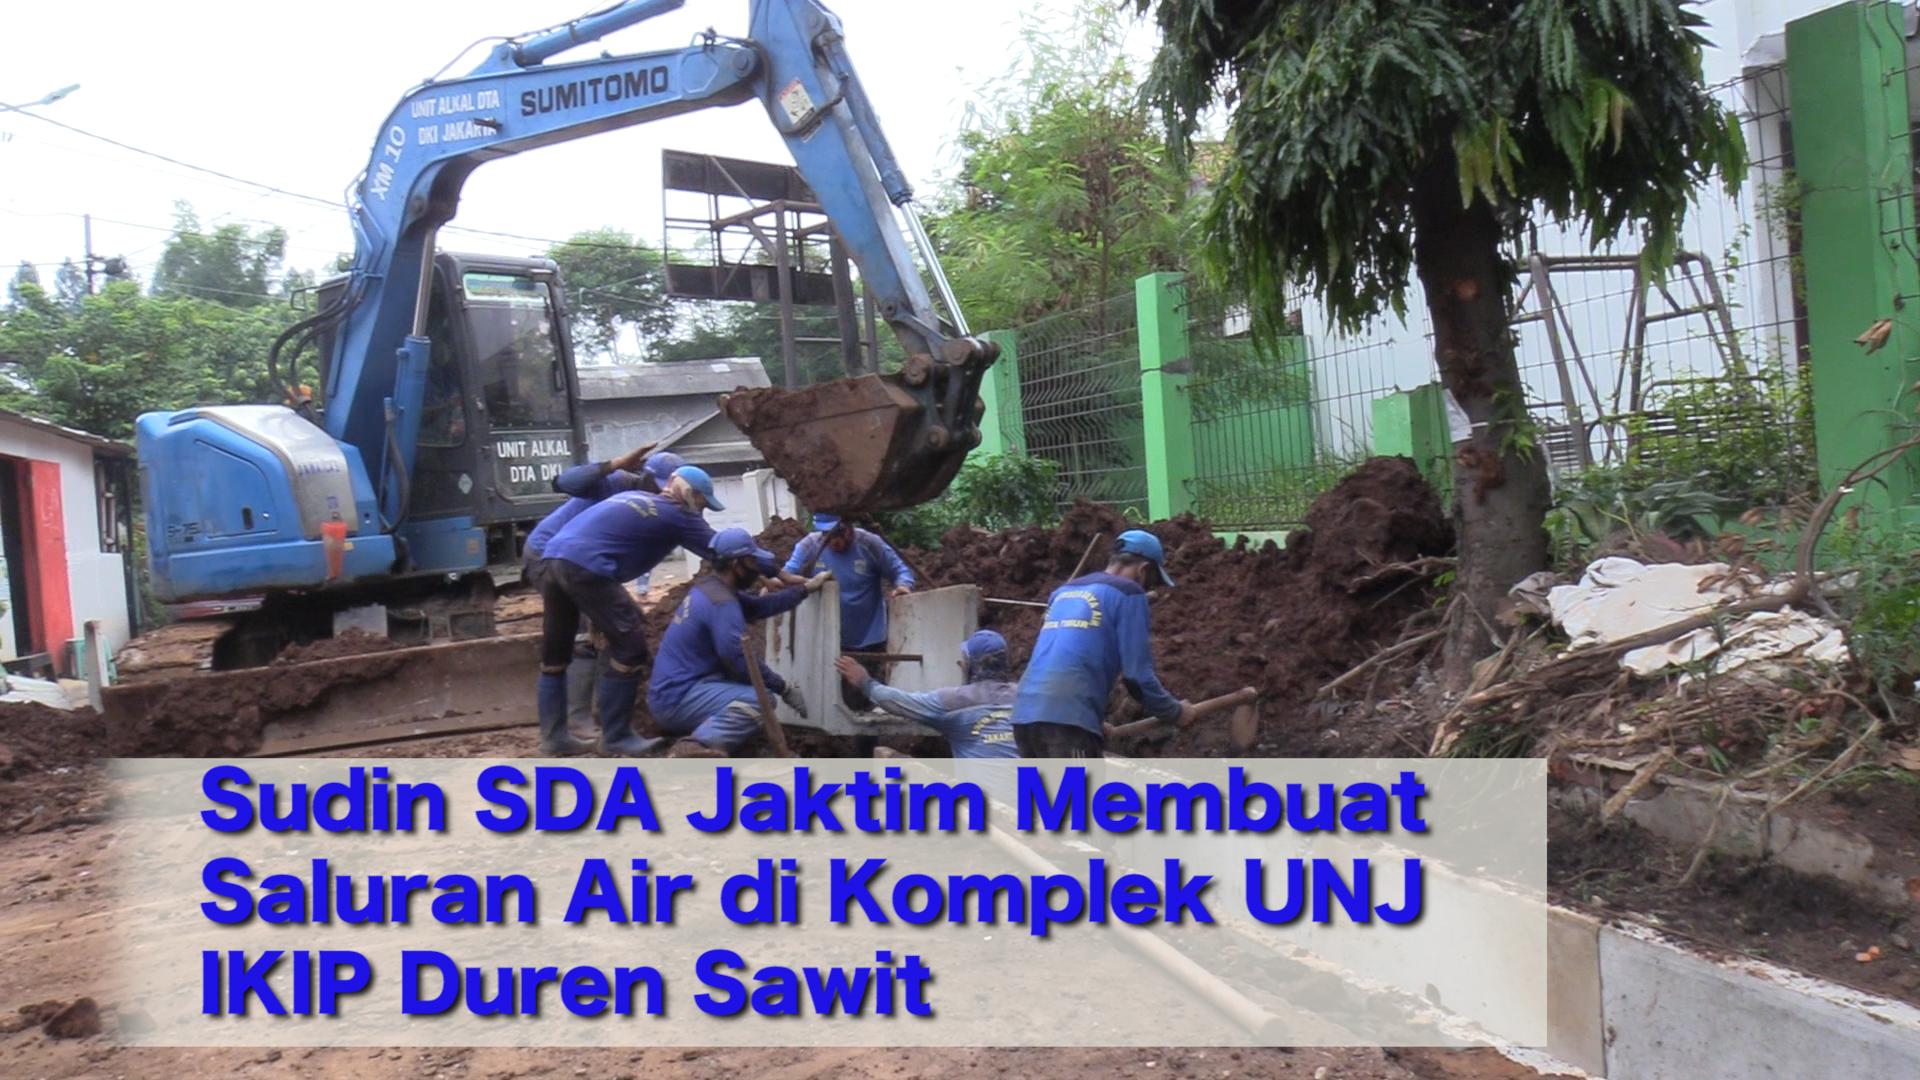 Sudin SDA Jaktim Membuat Saluran Air di Komplek UNJ IKIP Duren Sawit